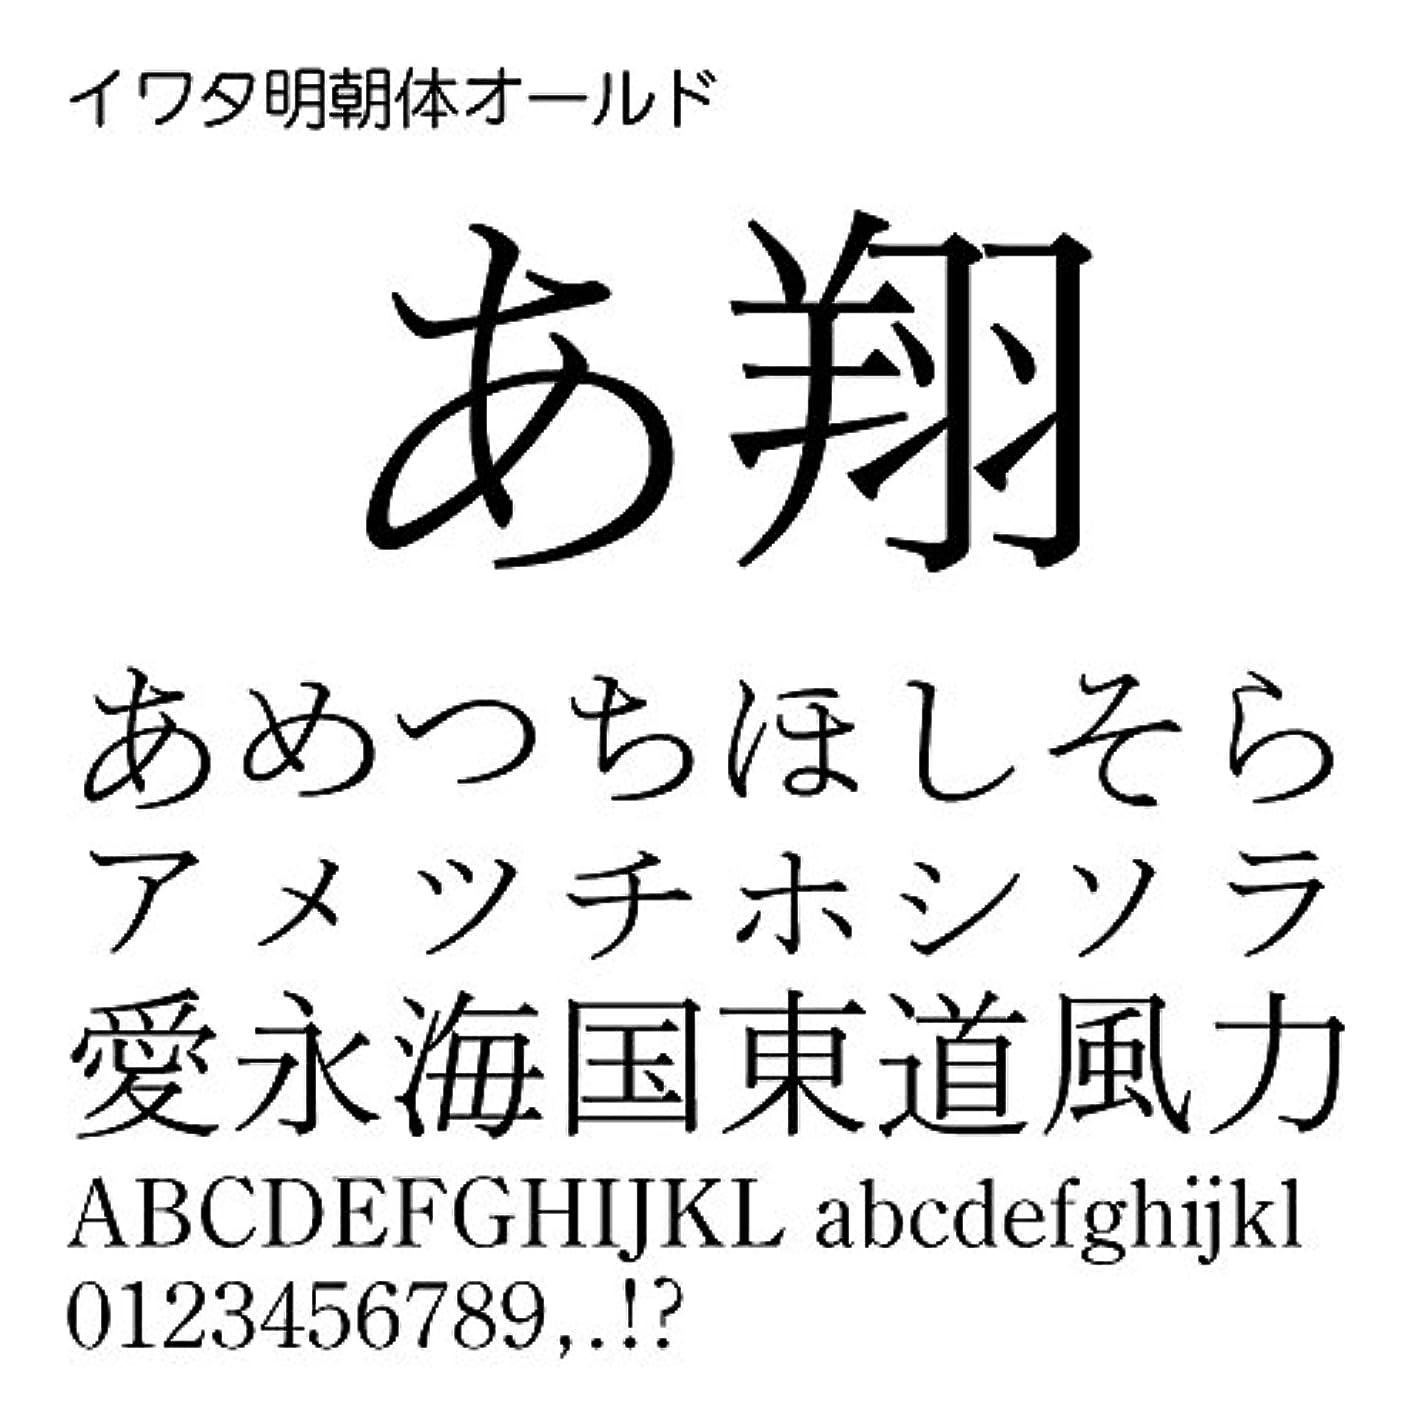 場合開いた変更可能イワタ明朝体オールドPro OpenType Font for Windows [ダウンロード]